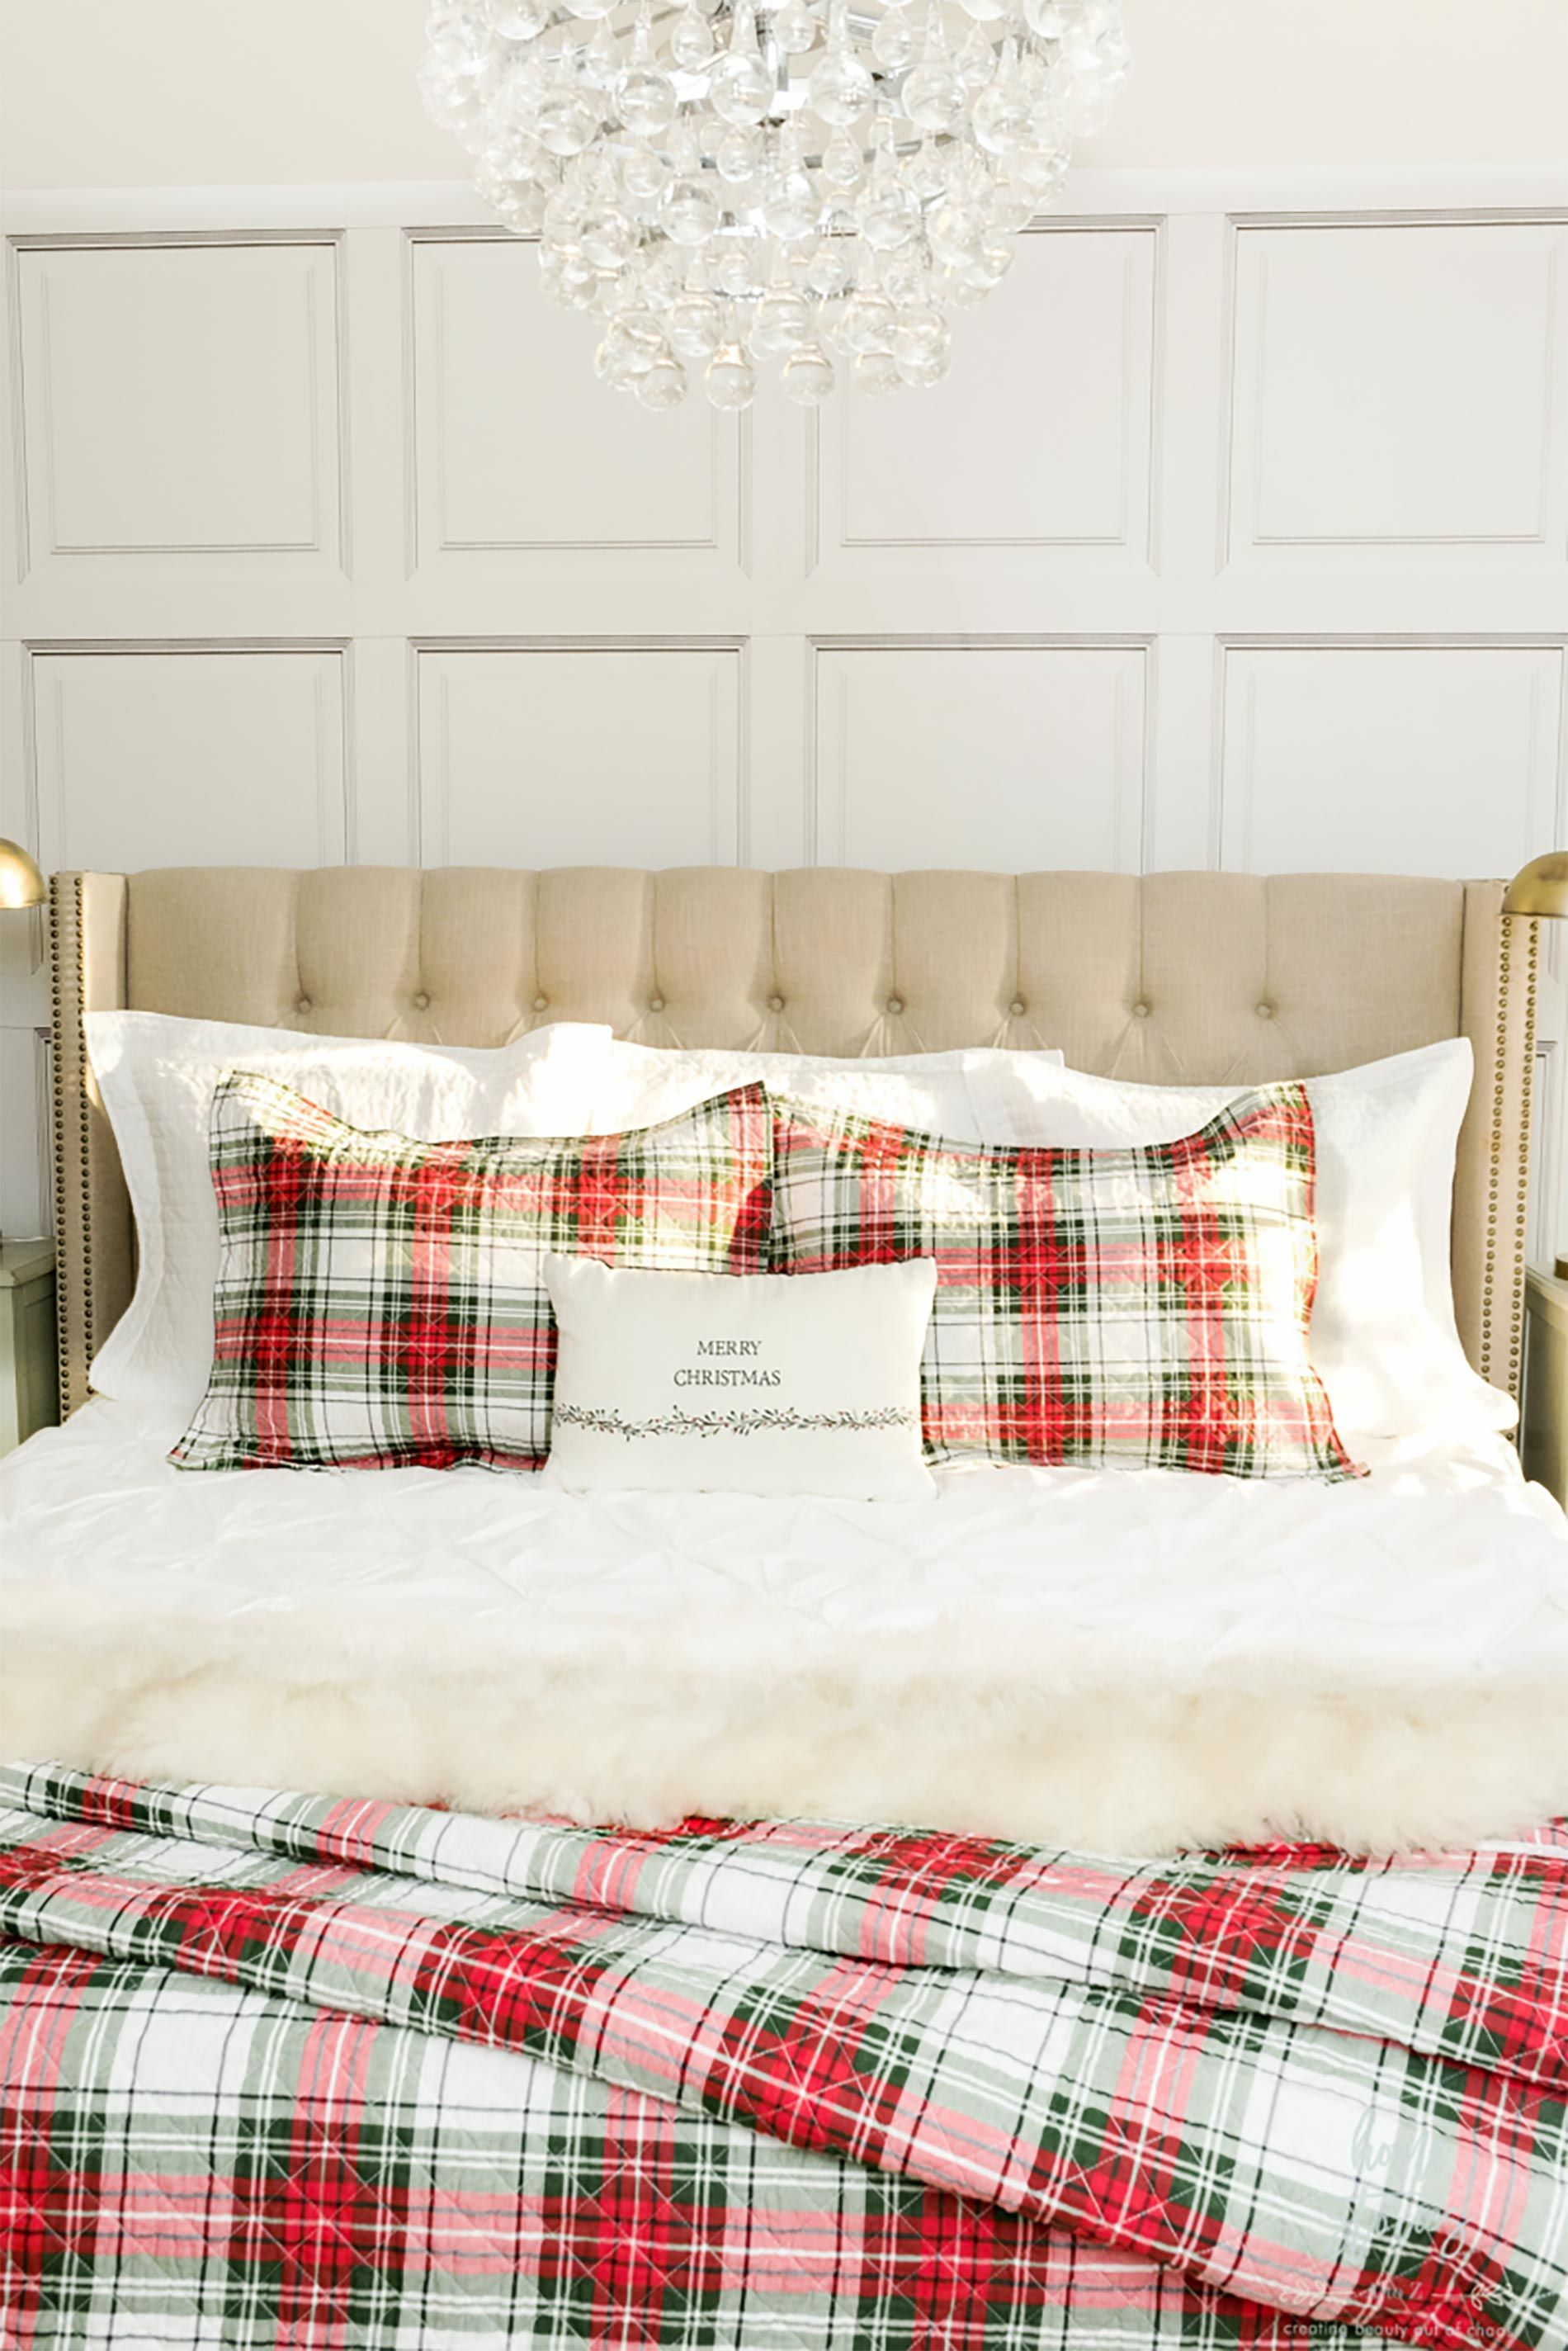 Decorazioni Natalizie Per La Camera decorazioni natalizie americane per camera da letto   casa